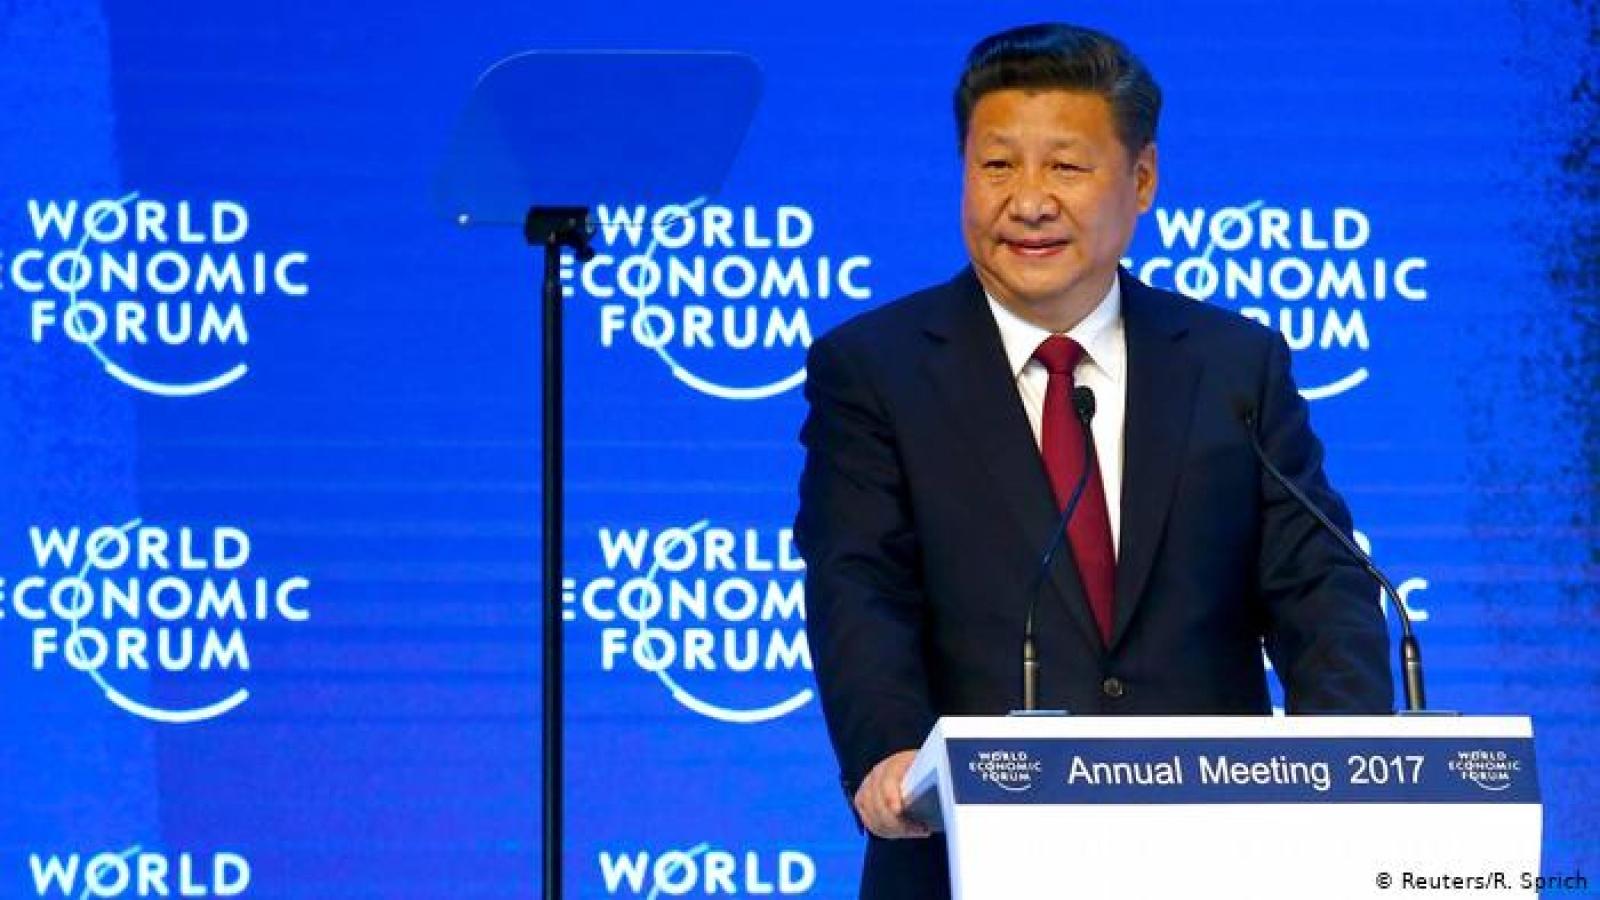 """Từng có cơ hội """"thay chân"""" Mỹ, vì sao Trung Quốc lại """"bỏ bóng trên sân""""?"""